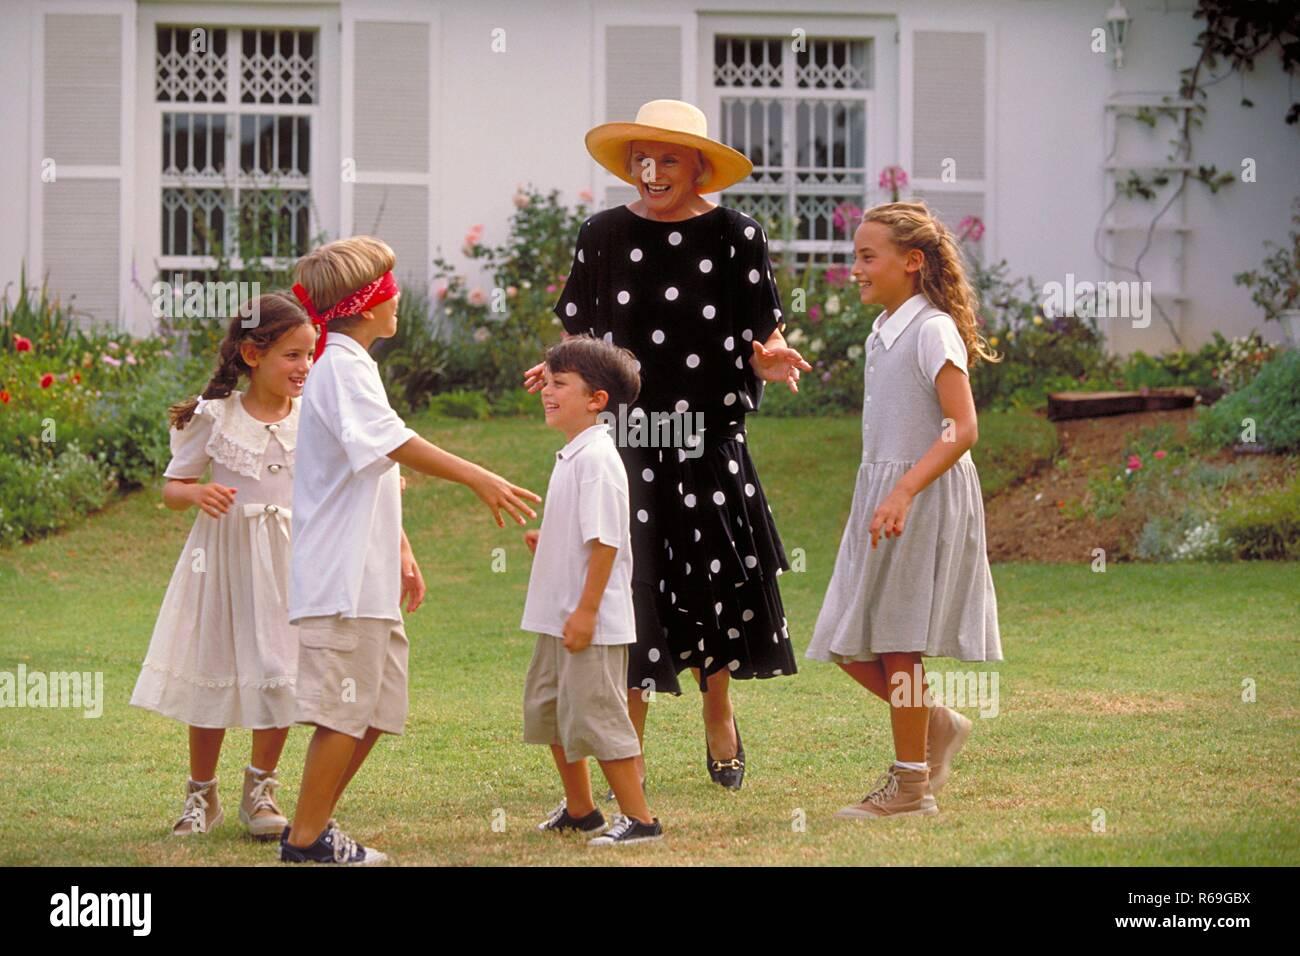 Outdoor, Frau Mitte 60 bekleidet mit schwarzen Kleid mit